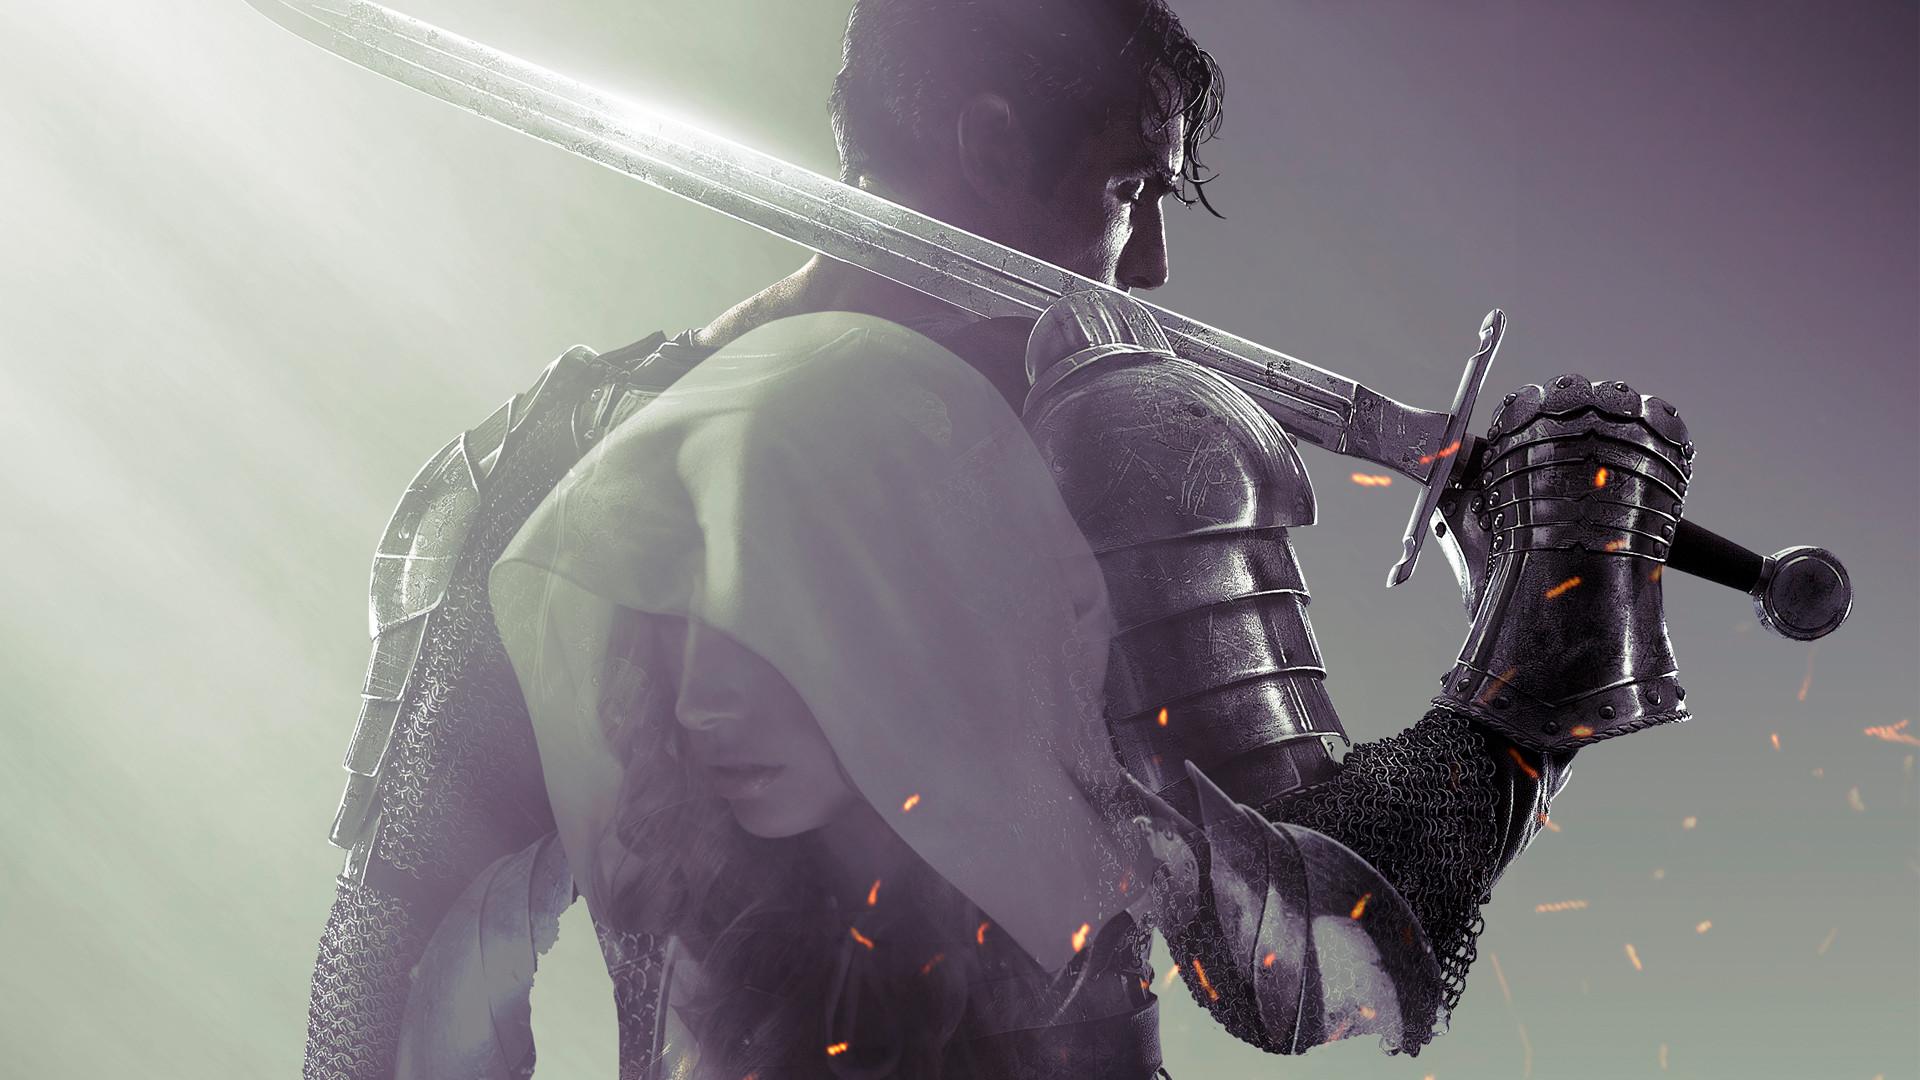 Wallpaper dark souls 2, knight, armor, sword